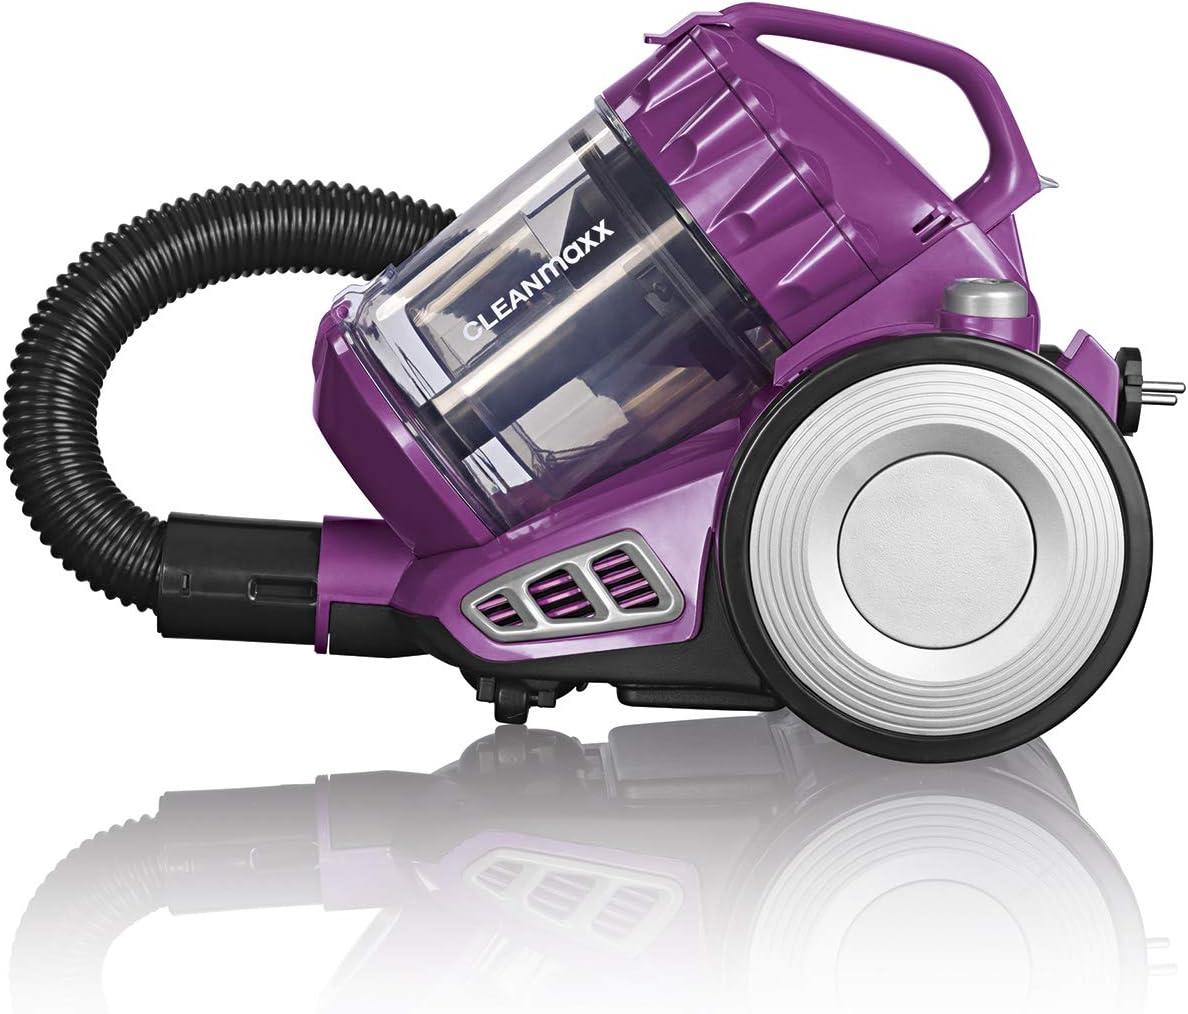 CLEANmaxx - Aspiradora multiciclónica con accesorios, alfombras, productos de limpieza y tapicería, filtro HEPA contra polvo fino, 800 W [negro/baya]: Amazon.es: Hogar